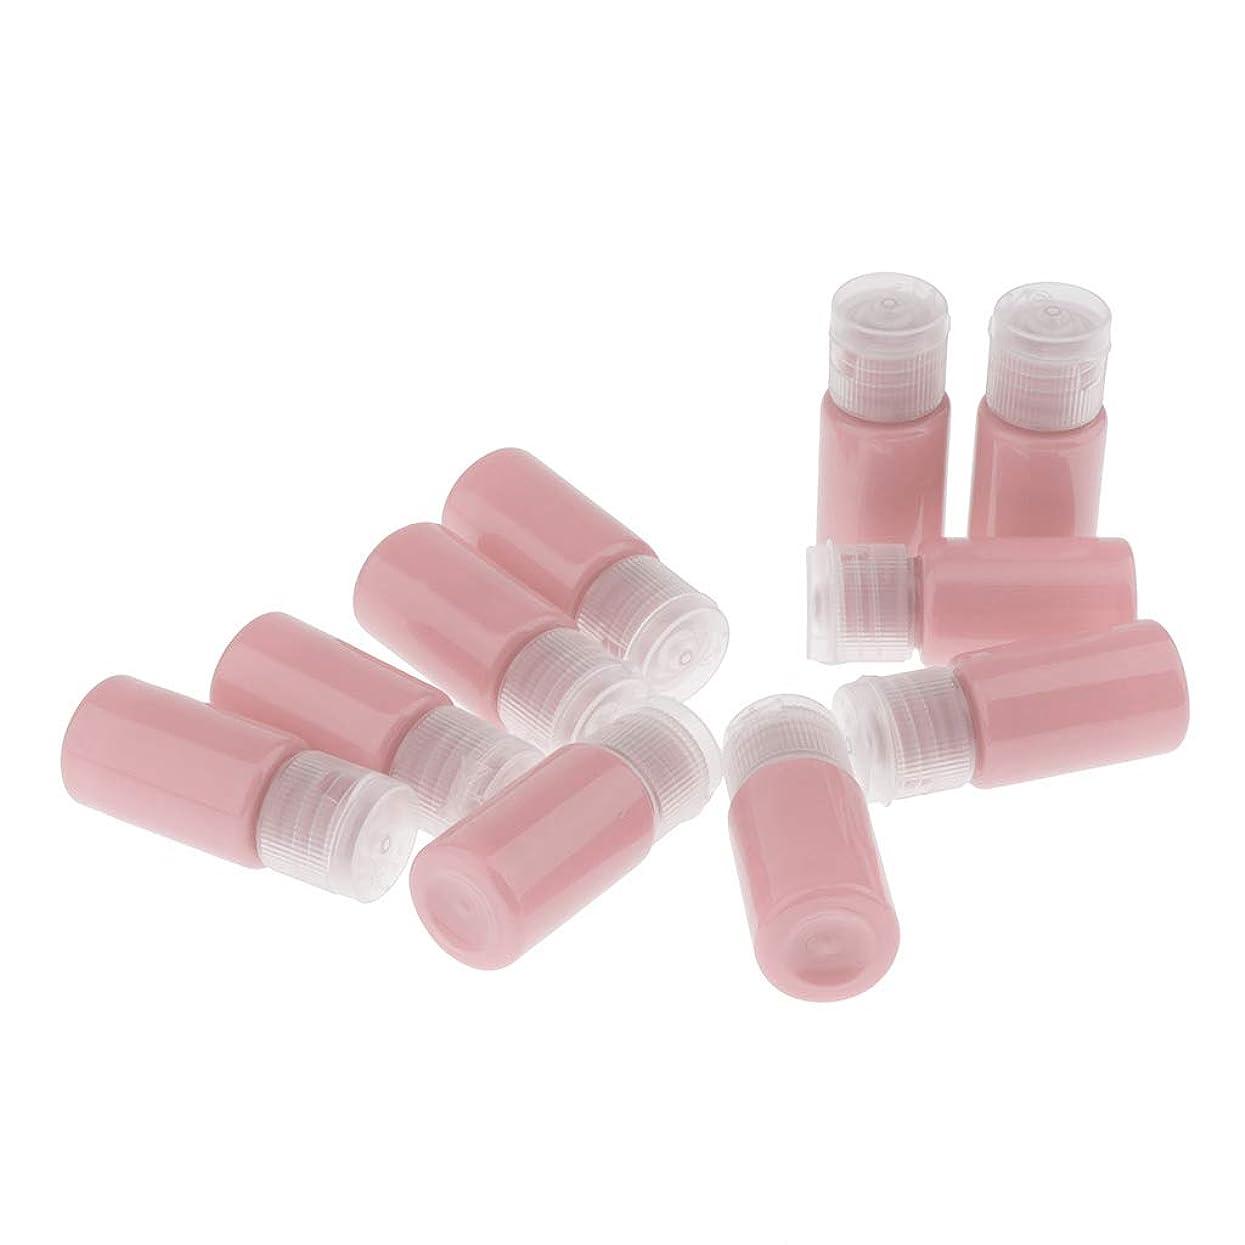 会計士無視反応するSM SunniMix サンプルボトル プラスチック 10ミリリットル トナーリムーバー 液体容器 トラベル 全8色 - ピンク